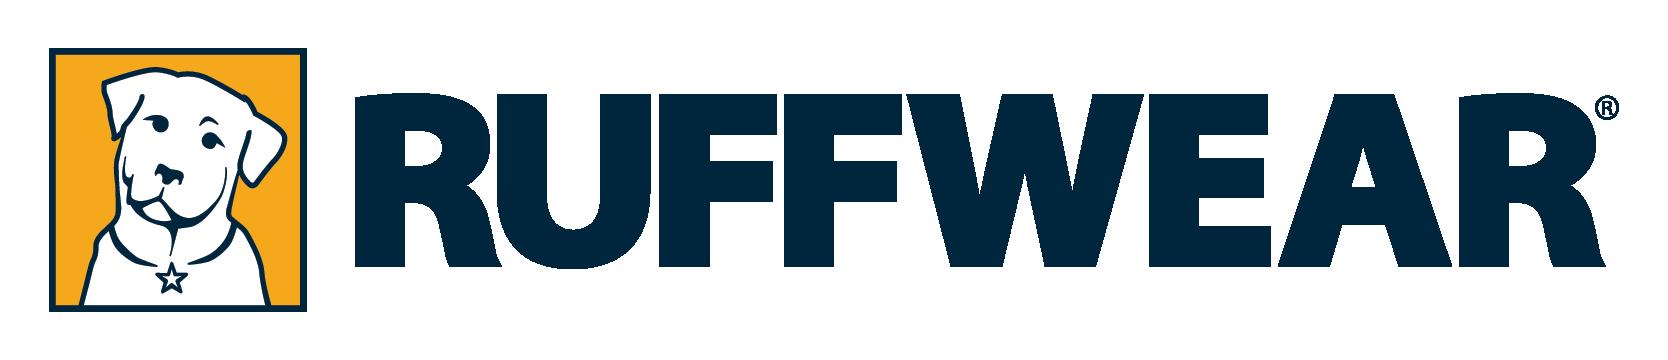 RUFFWEAR Online Shop